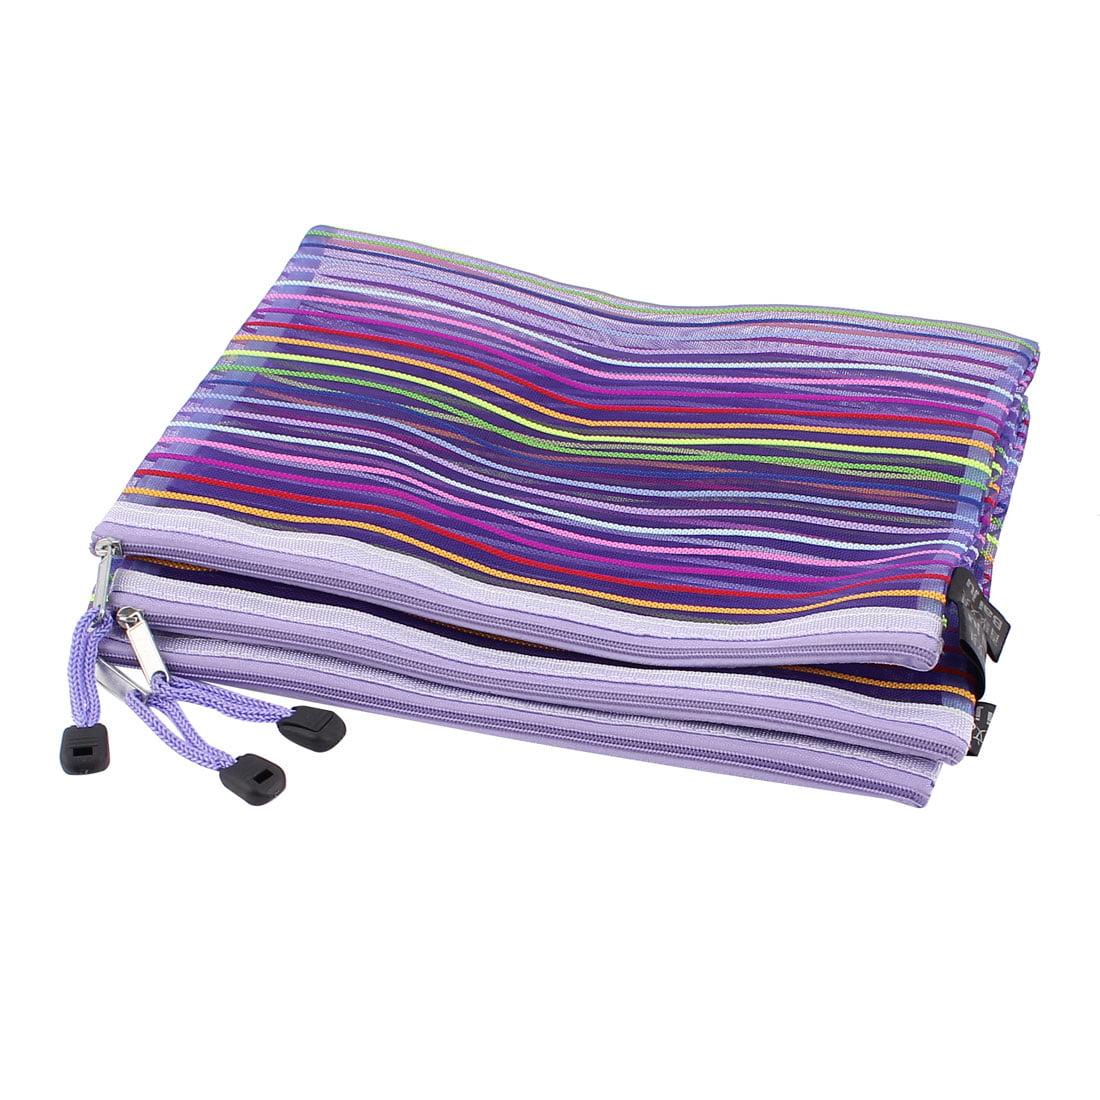 Unique Bargains Meshy Style Stripes Pattern Zip Up A5 Paper Document File Pen Bag Holder 3Pcs